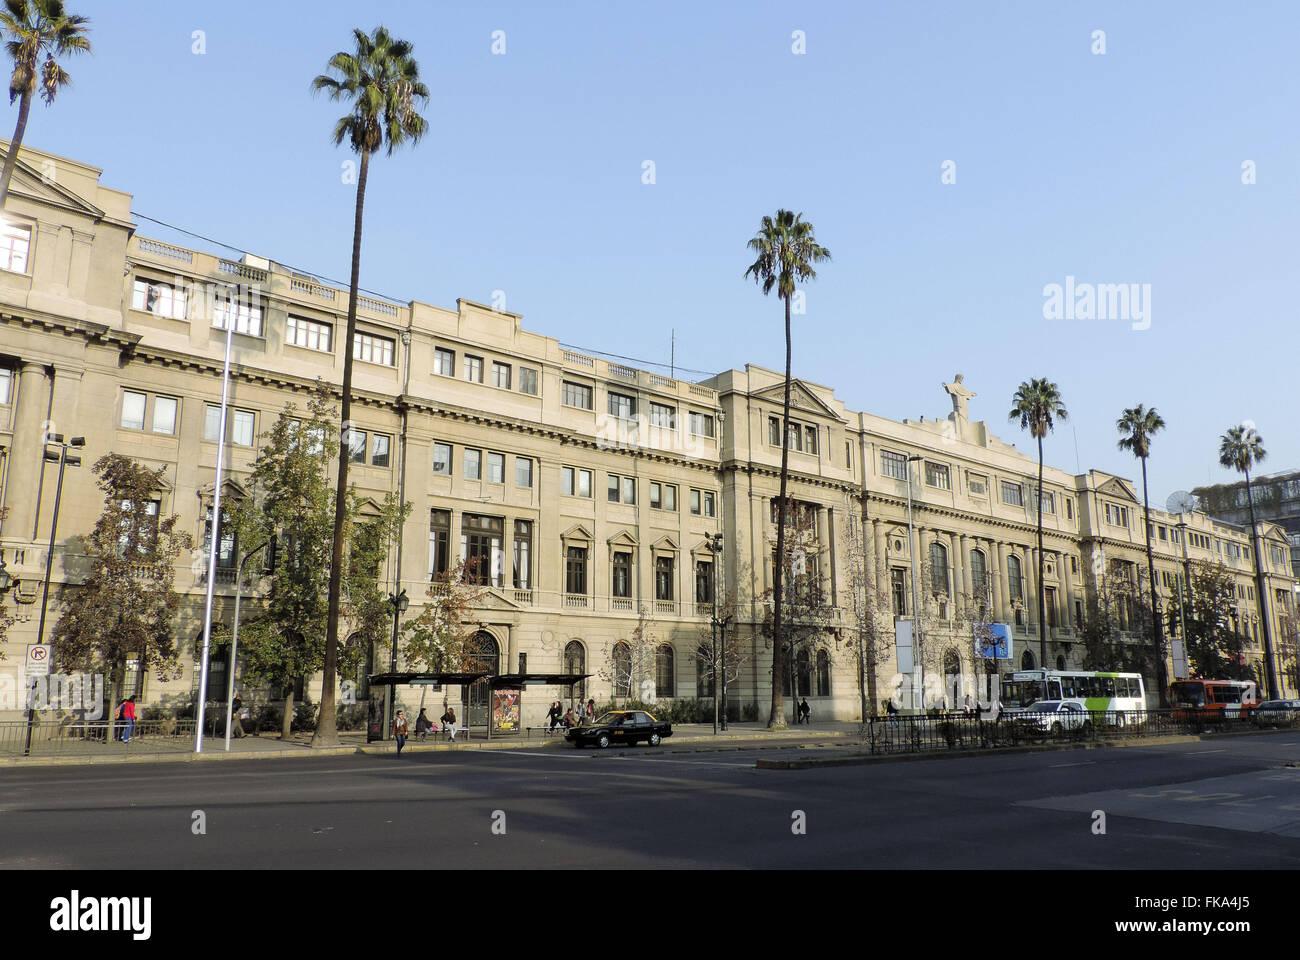 Pontificia Universidad Catolica de Chile on Avenida Libertador Bernardo O`Higgins - Stock Image